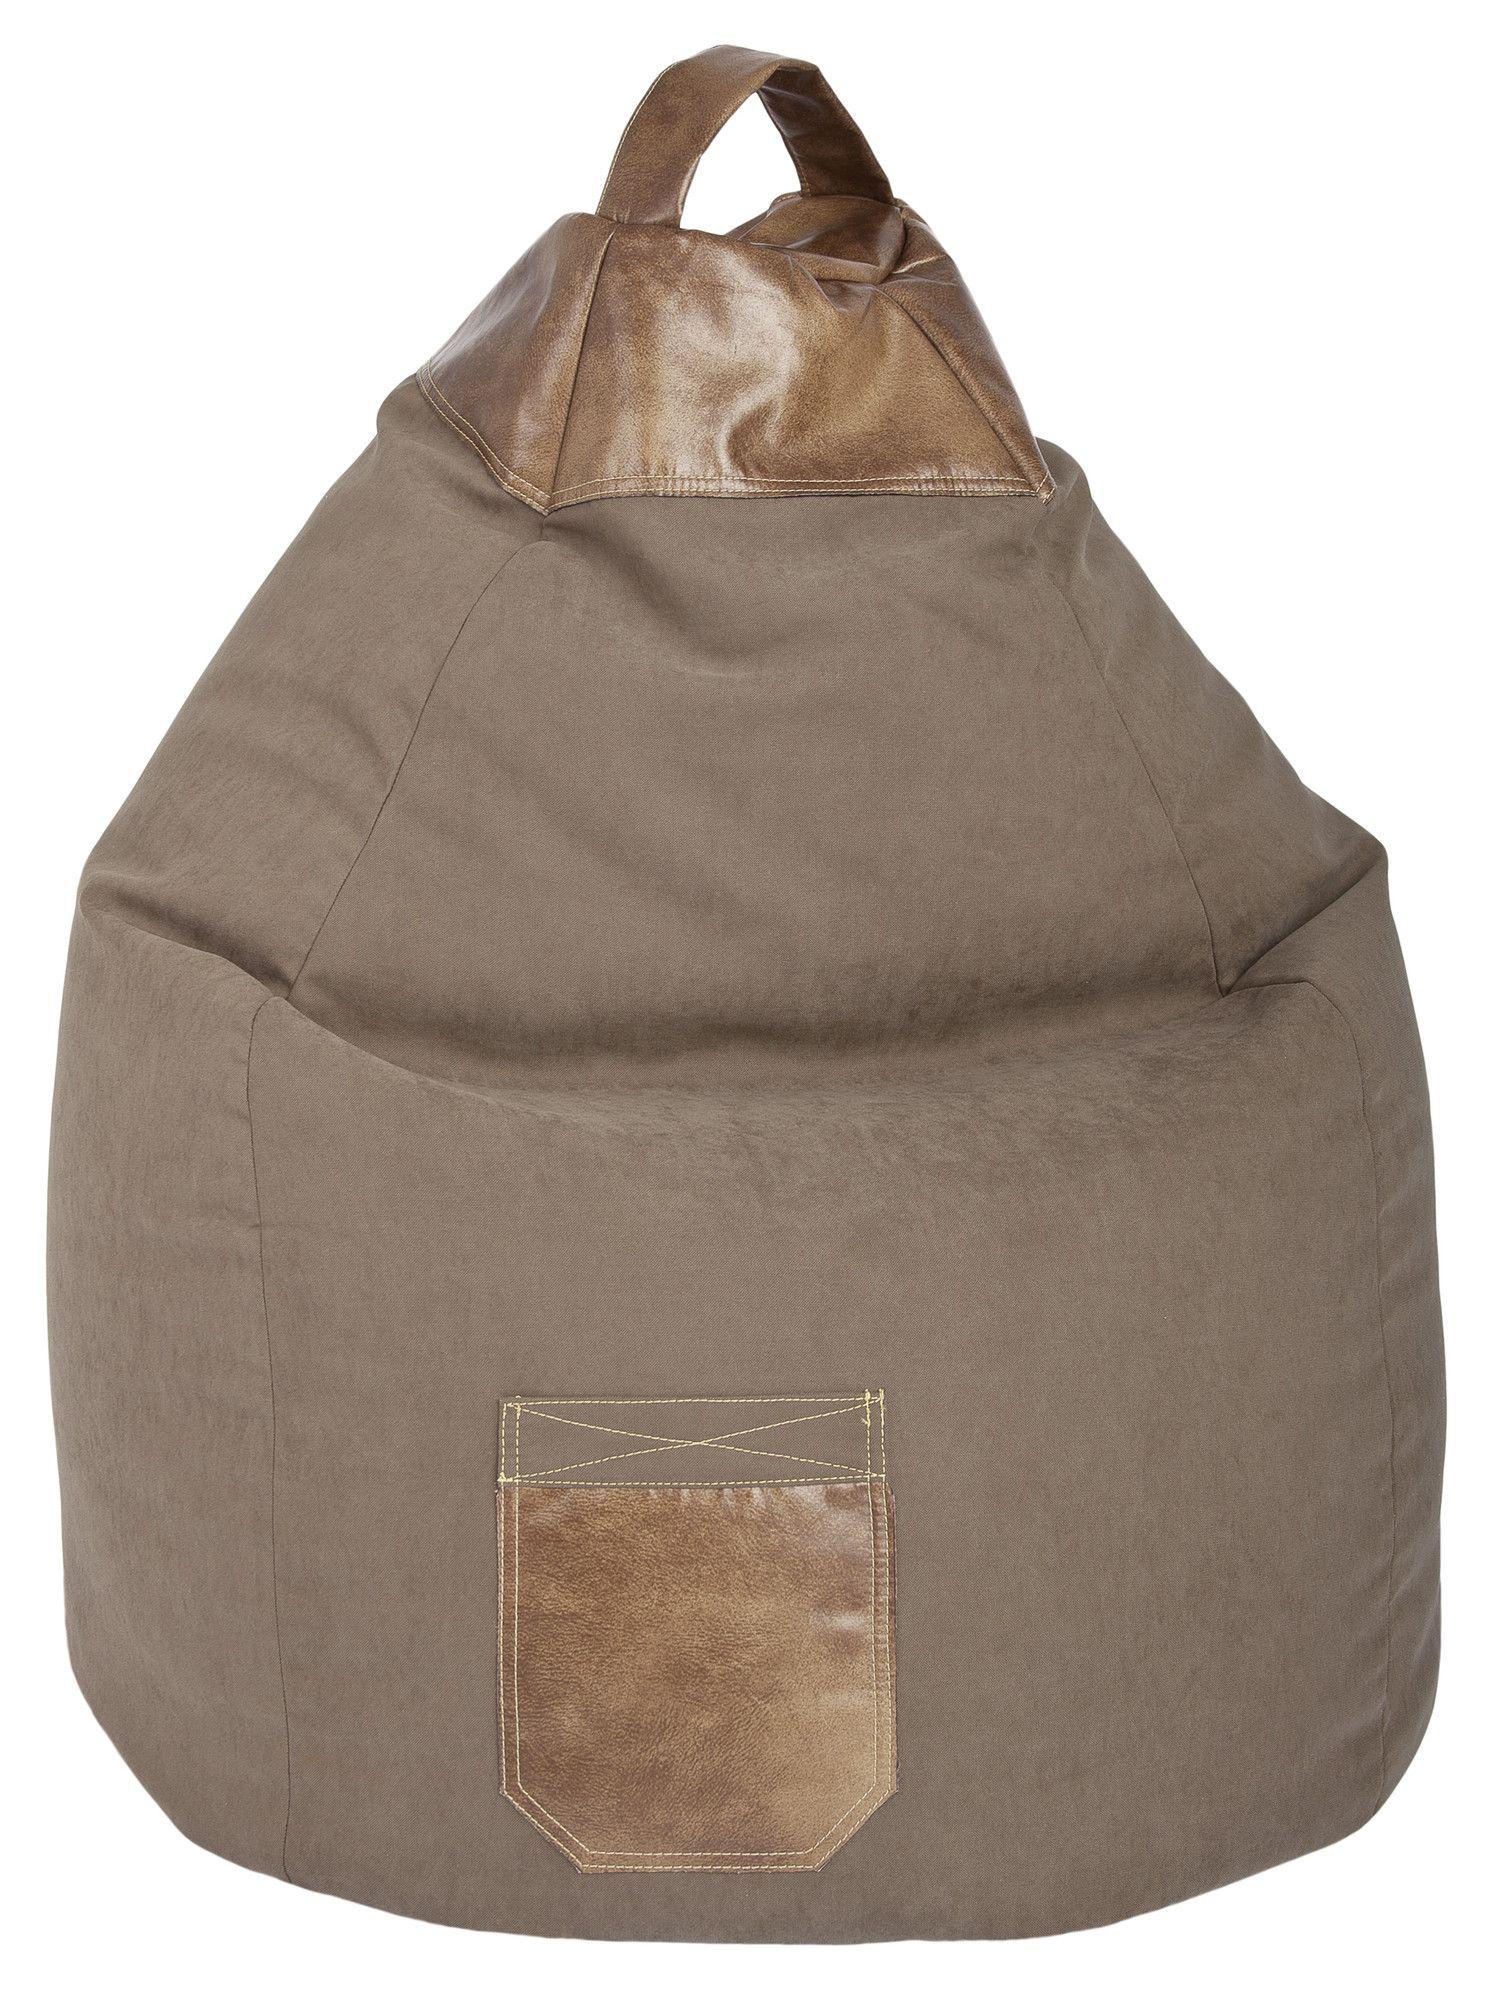 Jamie Bean Bag Chair Buy bean bag, Bean bag chair, Bean